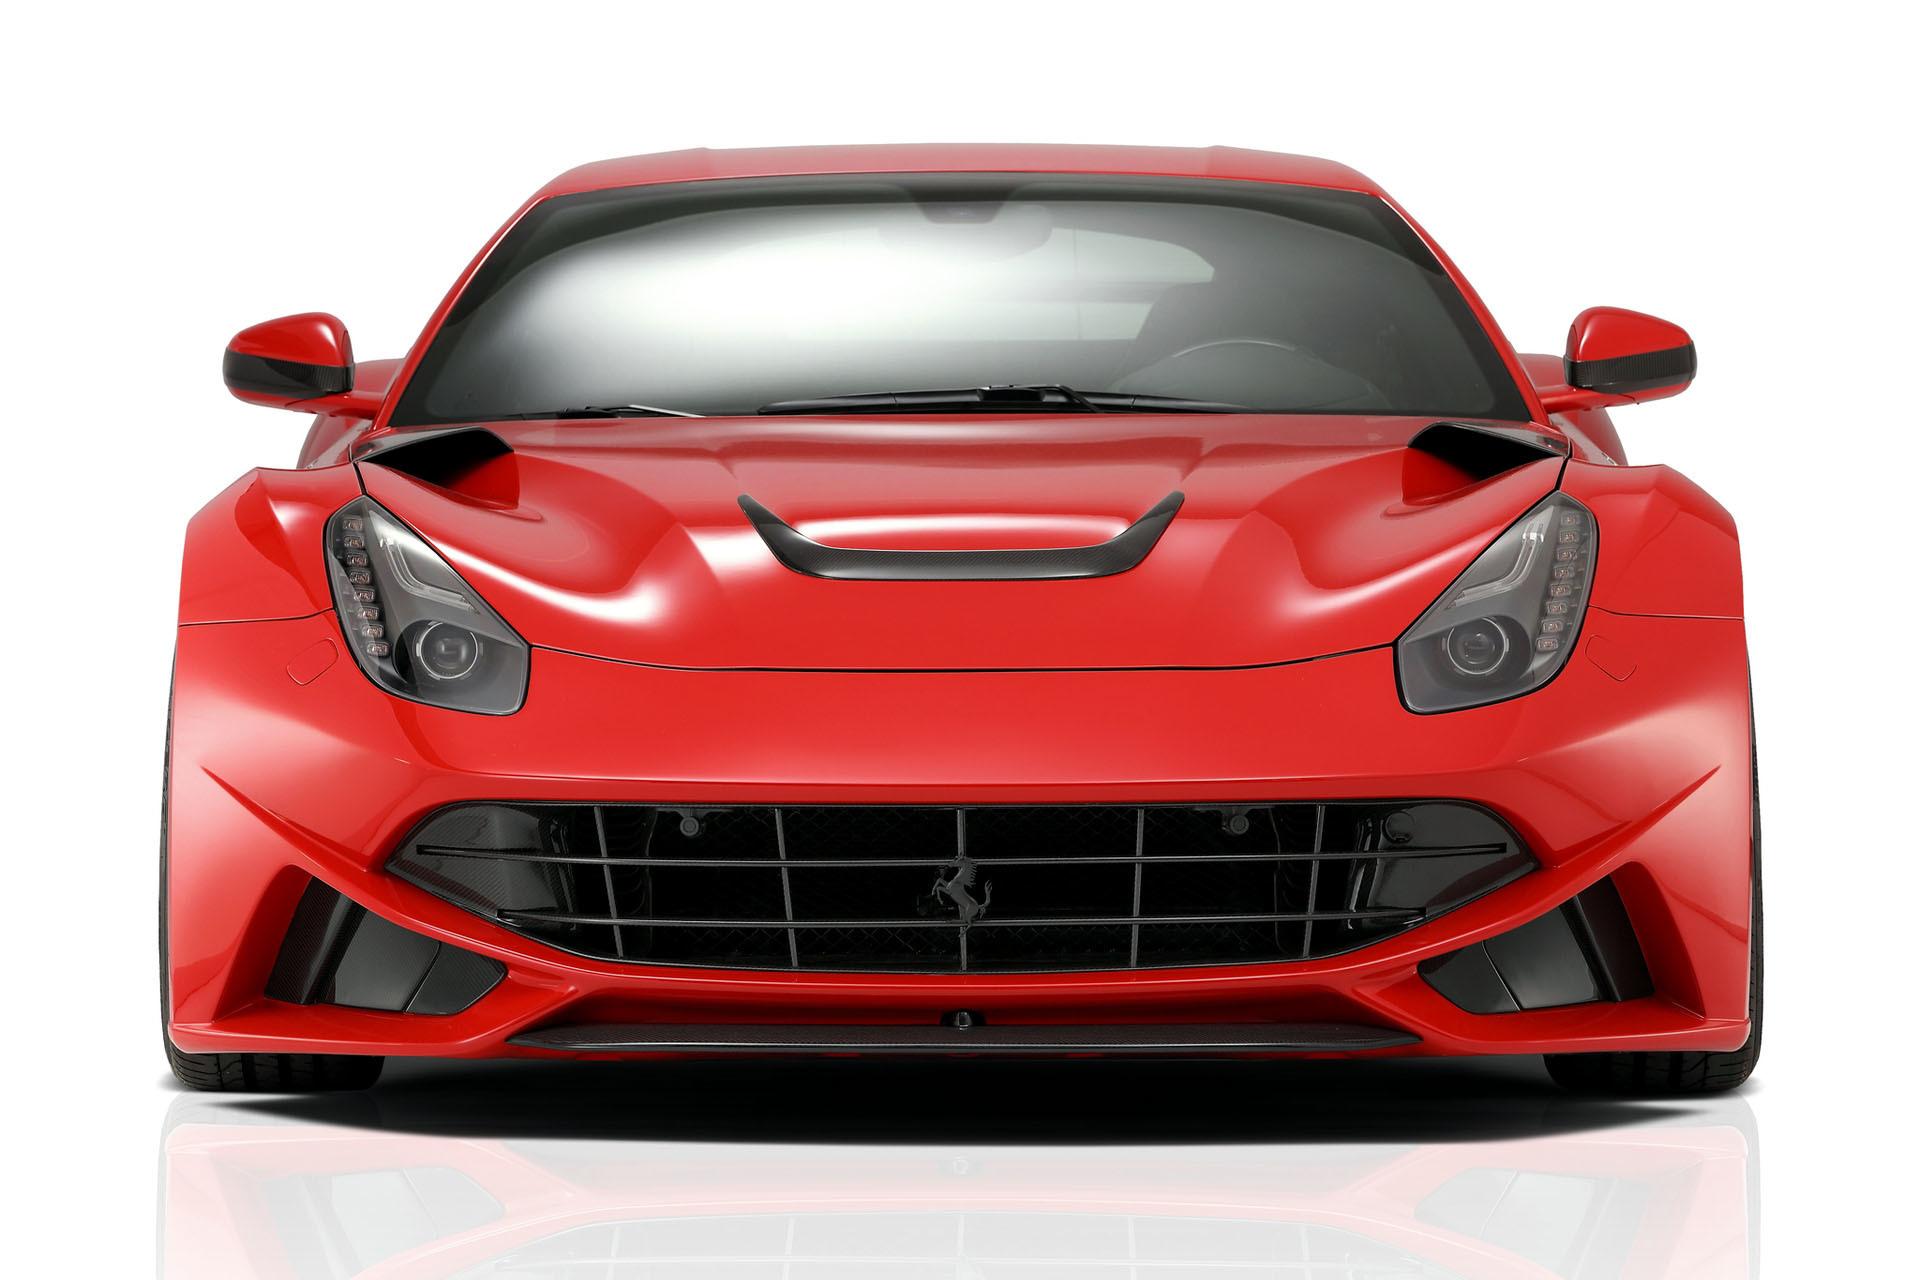 Карбоновая решетка радиатора под камеру Novitec Style для Ferrari F12 Вerlinetta